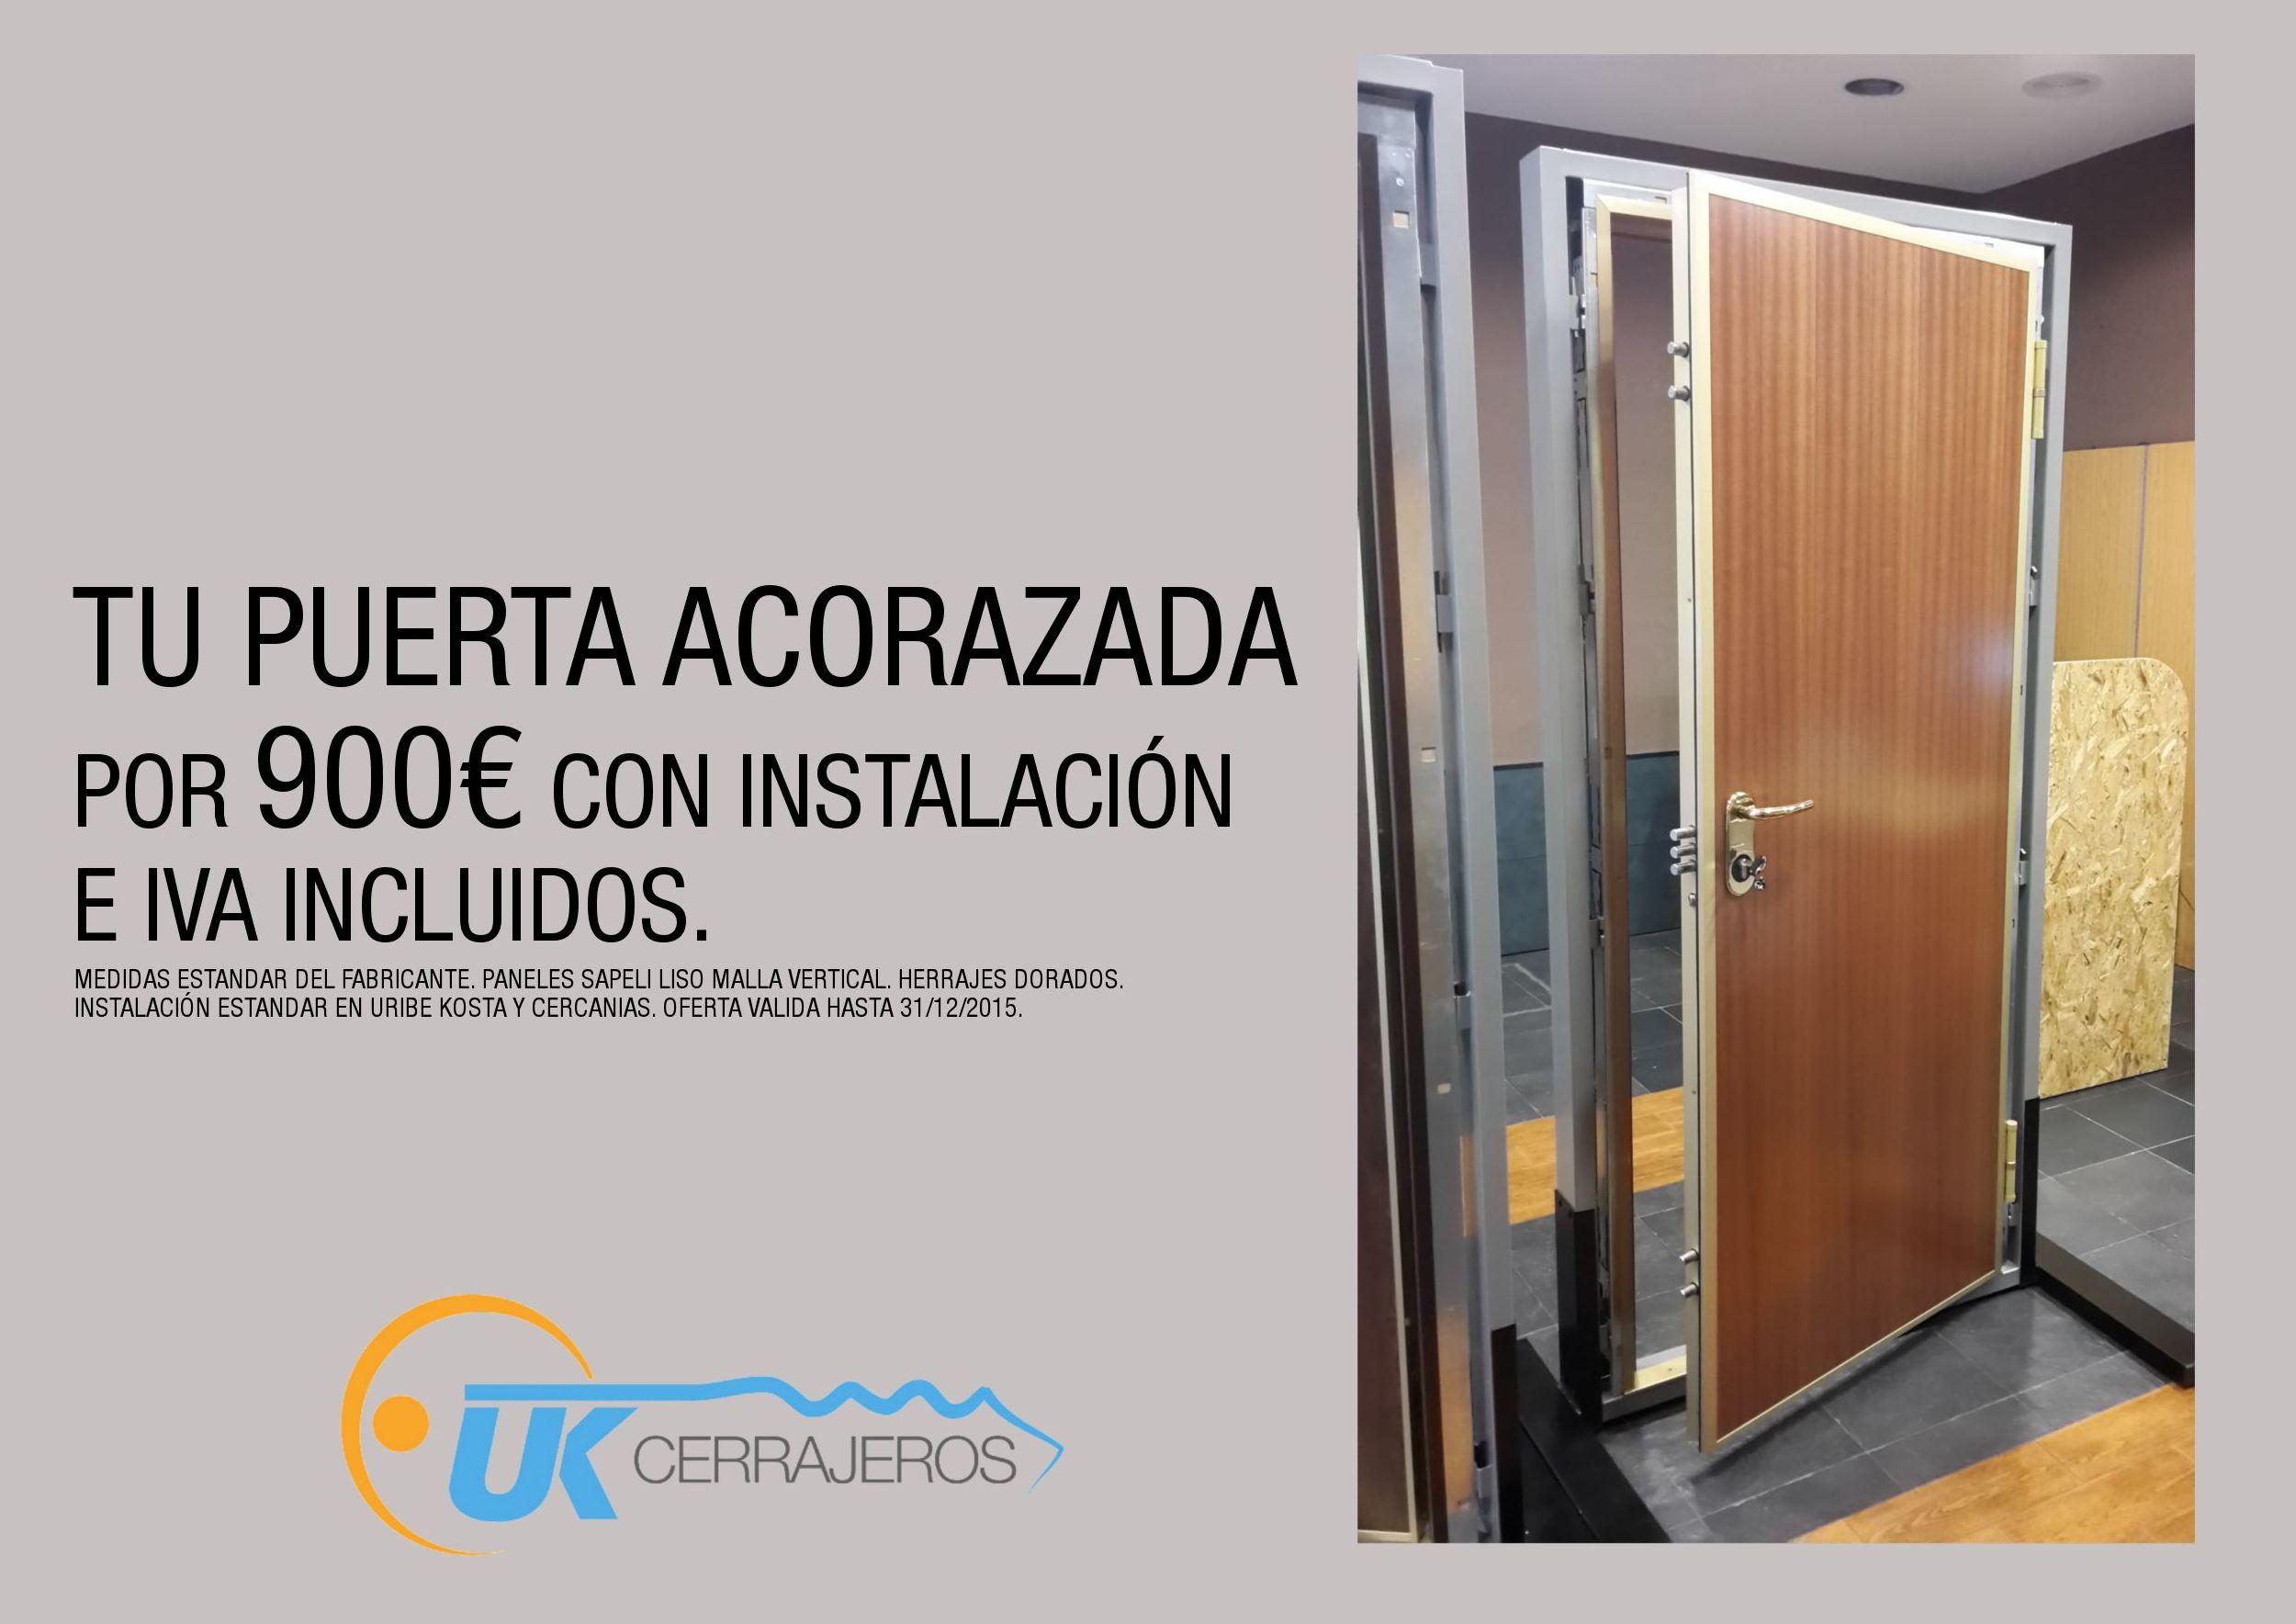 Plan renove puerta acorazada por 900 for Precios de puertas acorazadas